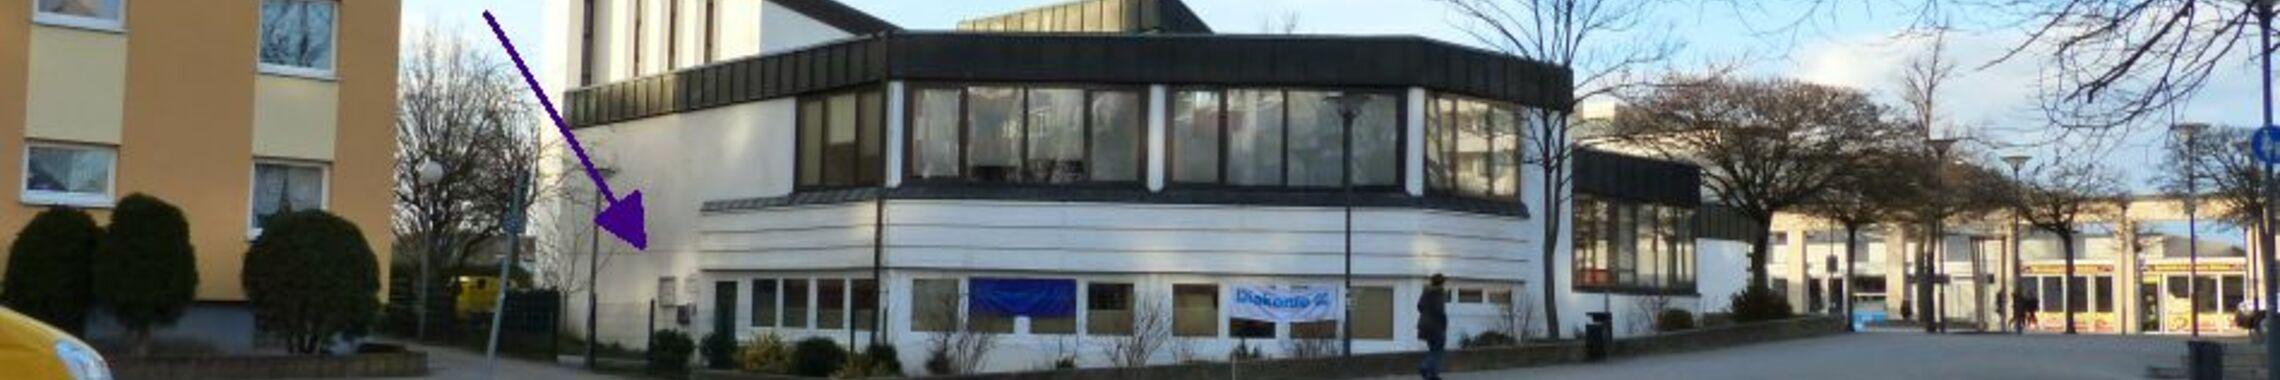 Kirchenkreissozialarbeit Süd - im Gemeindezentrum Bonhoeffer